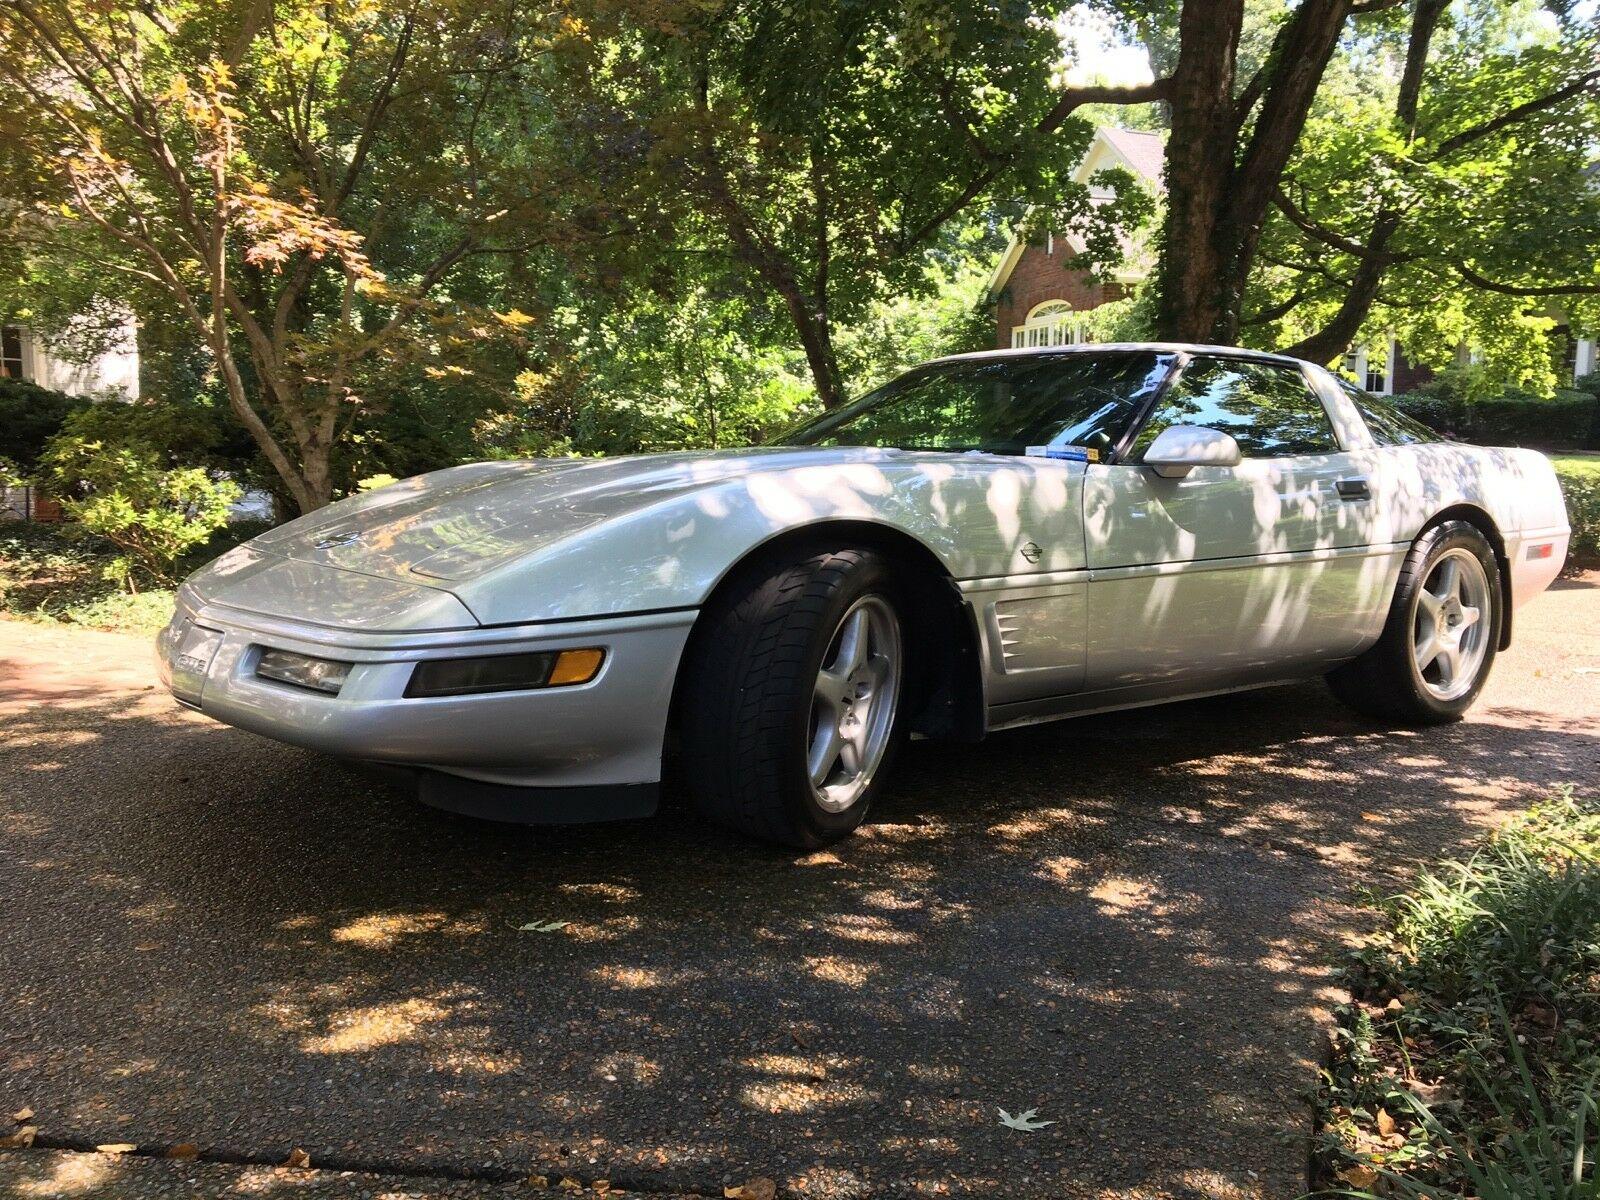 1996 Collectors Edition Corvette